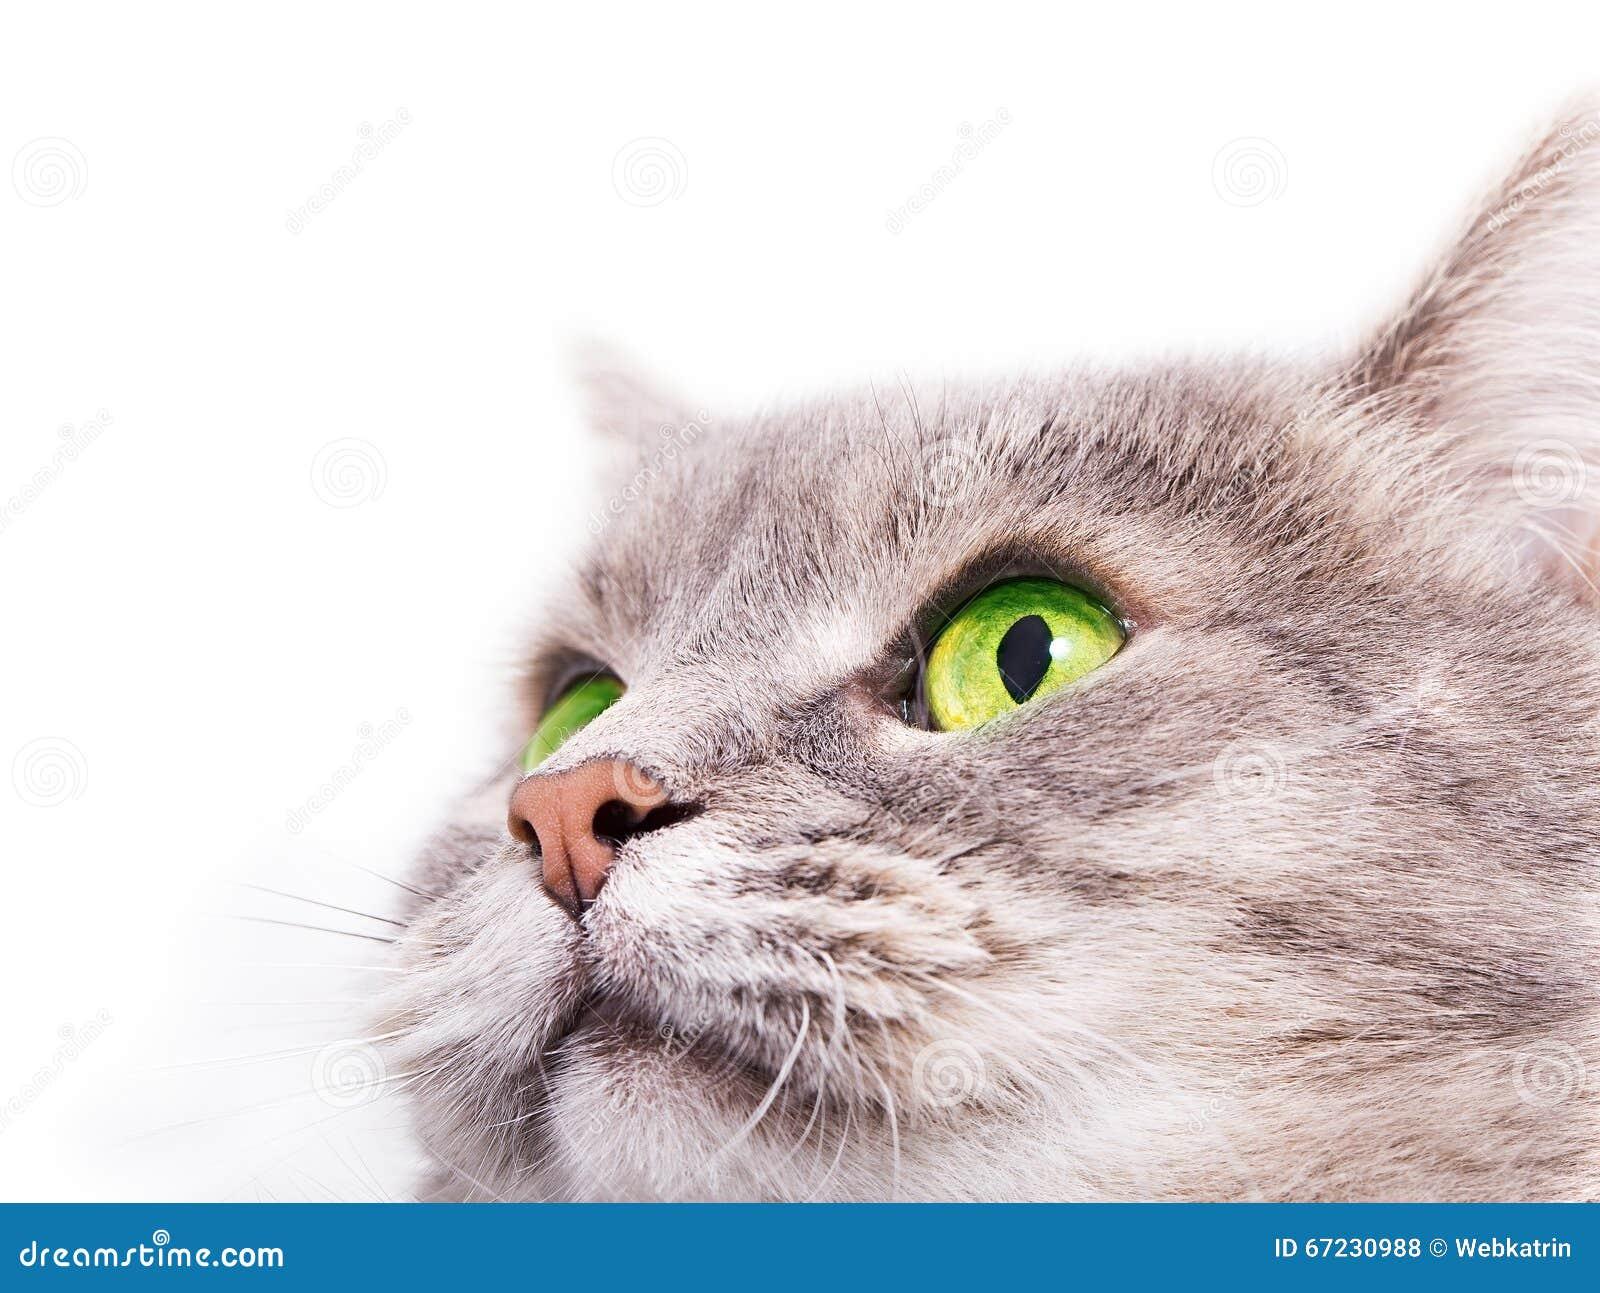 la t te du chat gris avec les yeux verts recherchant photo. Black Bedroom Furniture Sets. Home Design Ideas